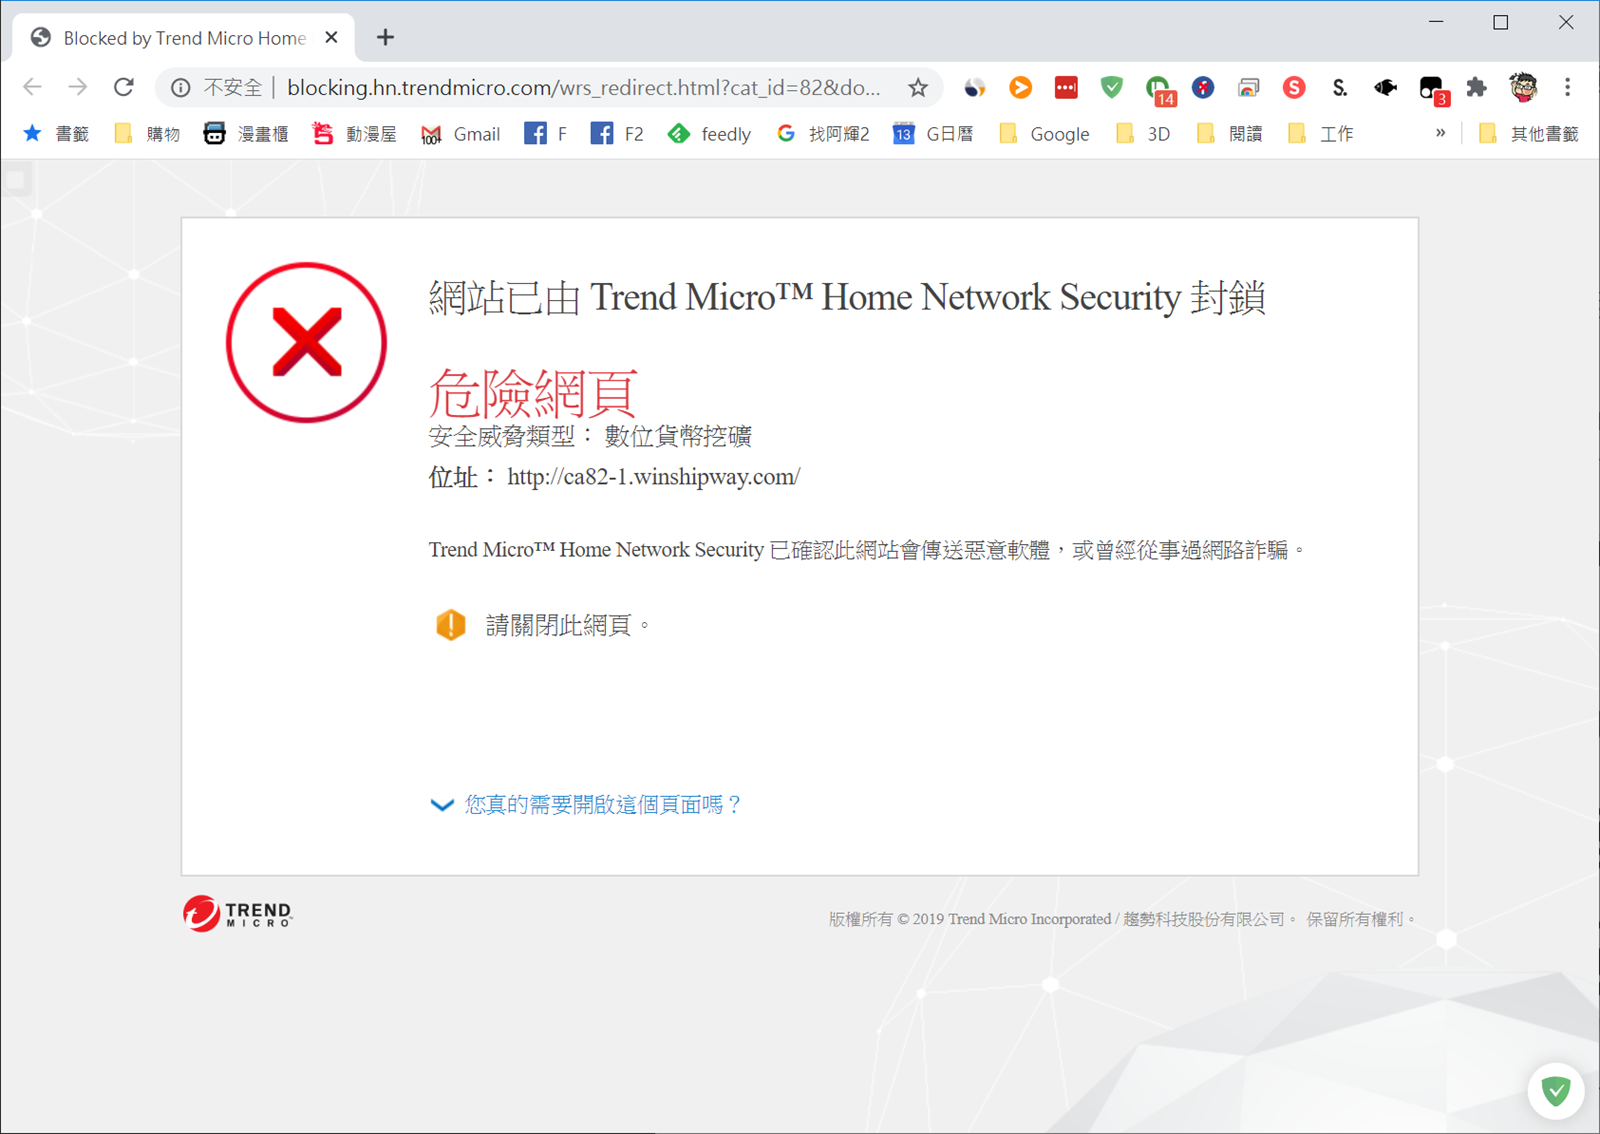 完善全家安全保護!趨勢科技『智慧網安管家 Home Network Security』家電家人都保護! @3C 達人廖阿輝